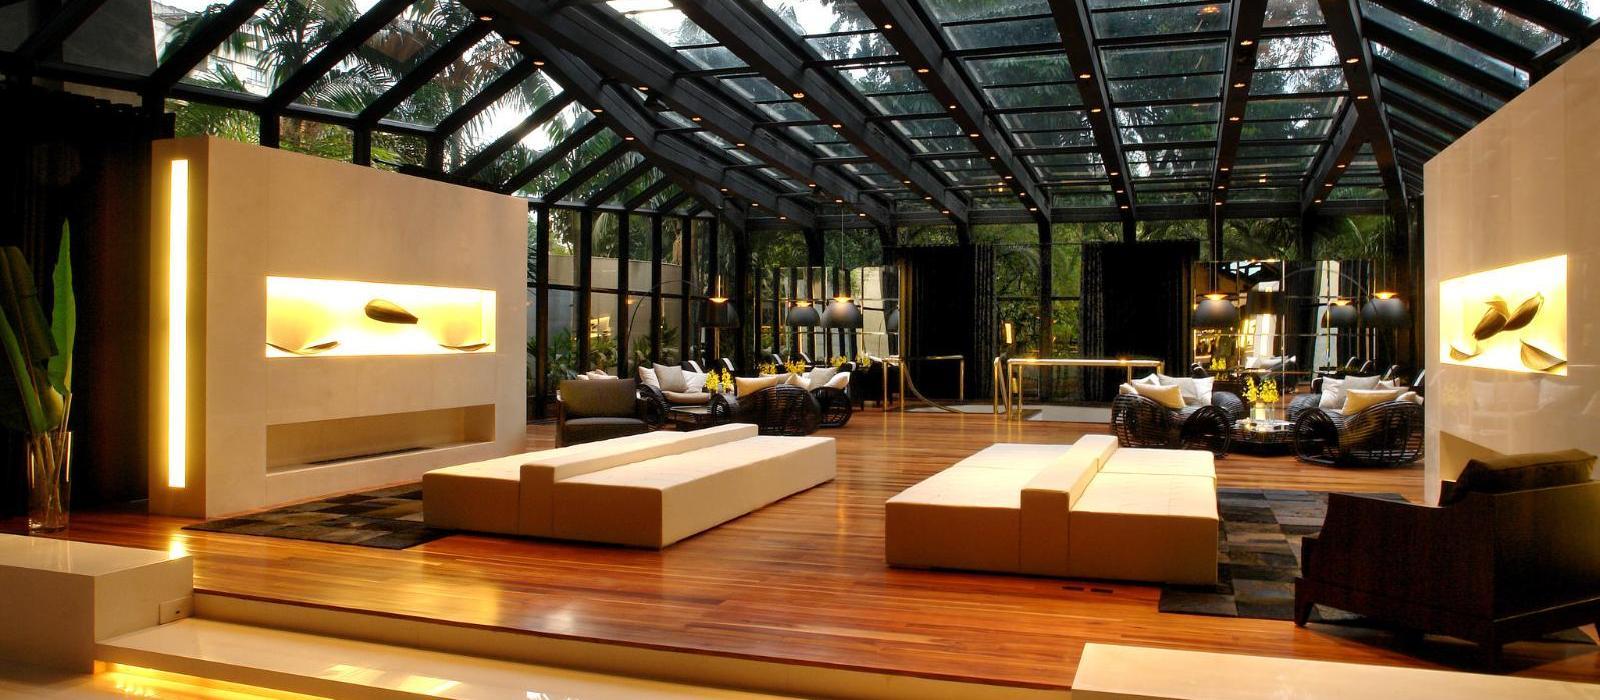 圣保罗缇沃丽莫法里酒店(Tivoli Mofarrej São Paulo) 图片  www.lhw.cn